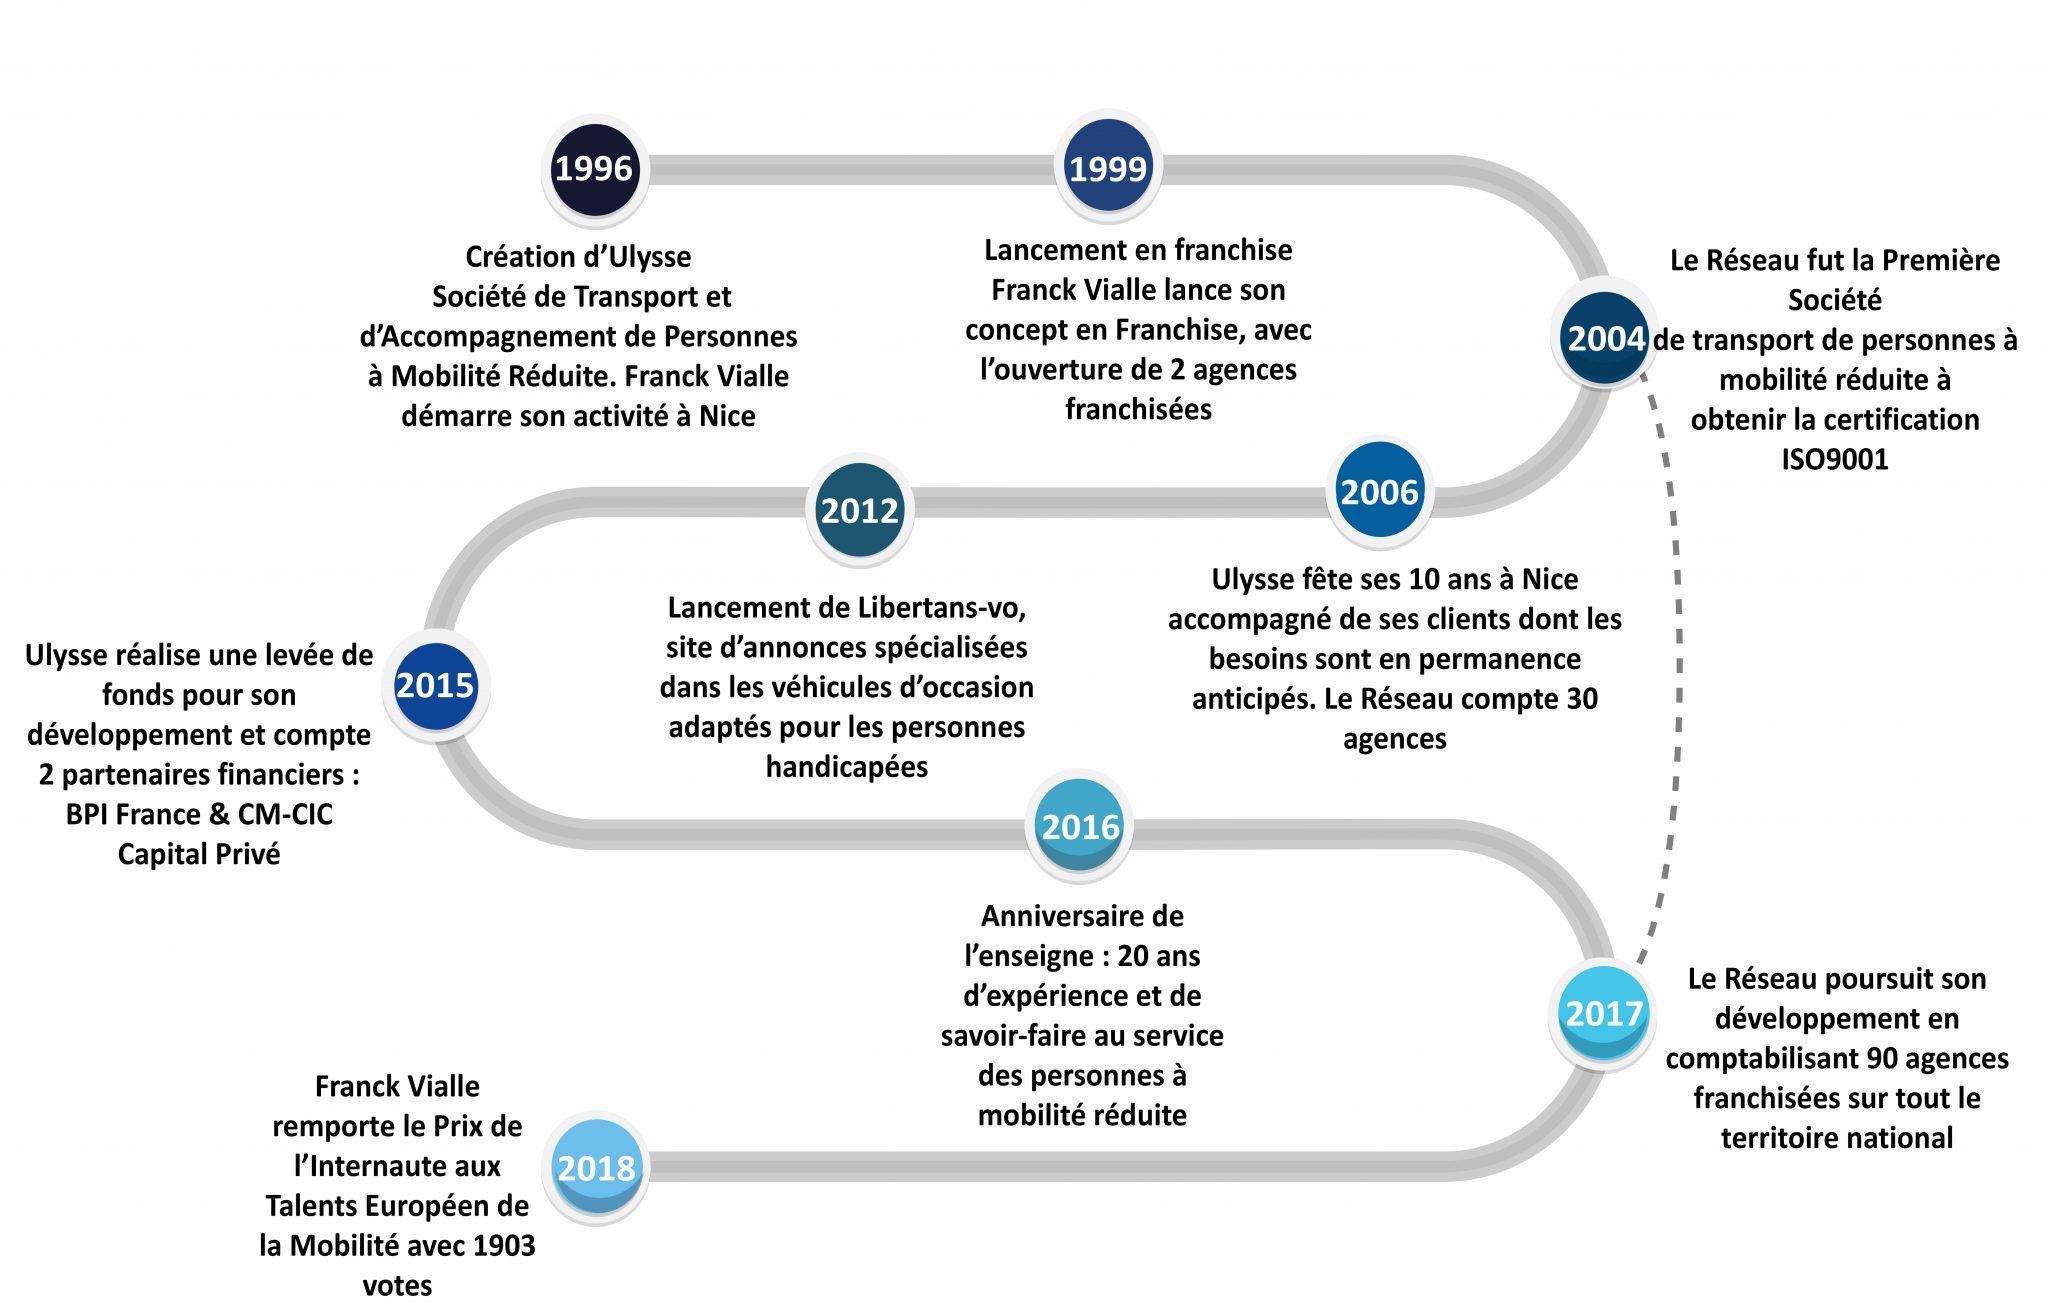 Historique Ulysse Franchise